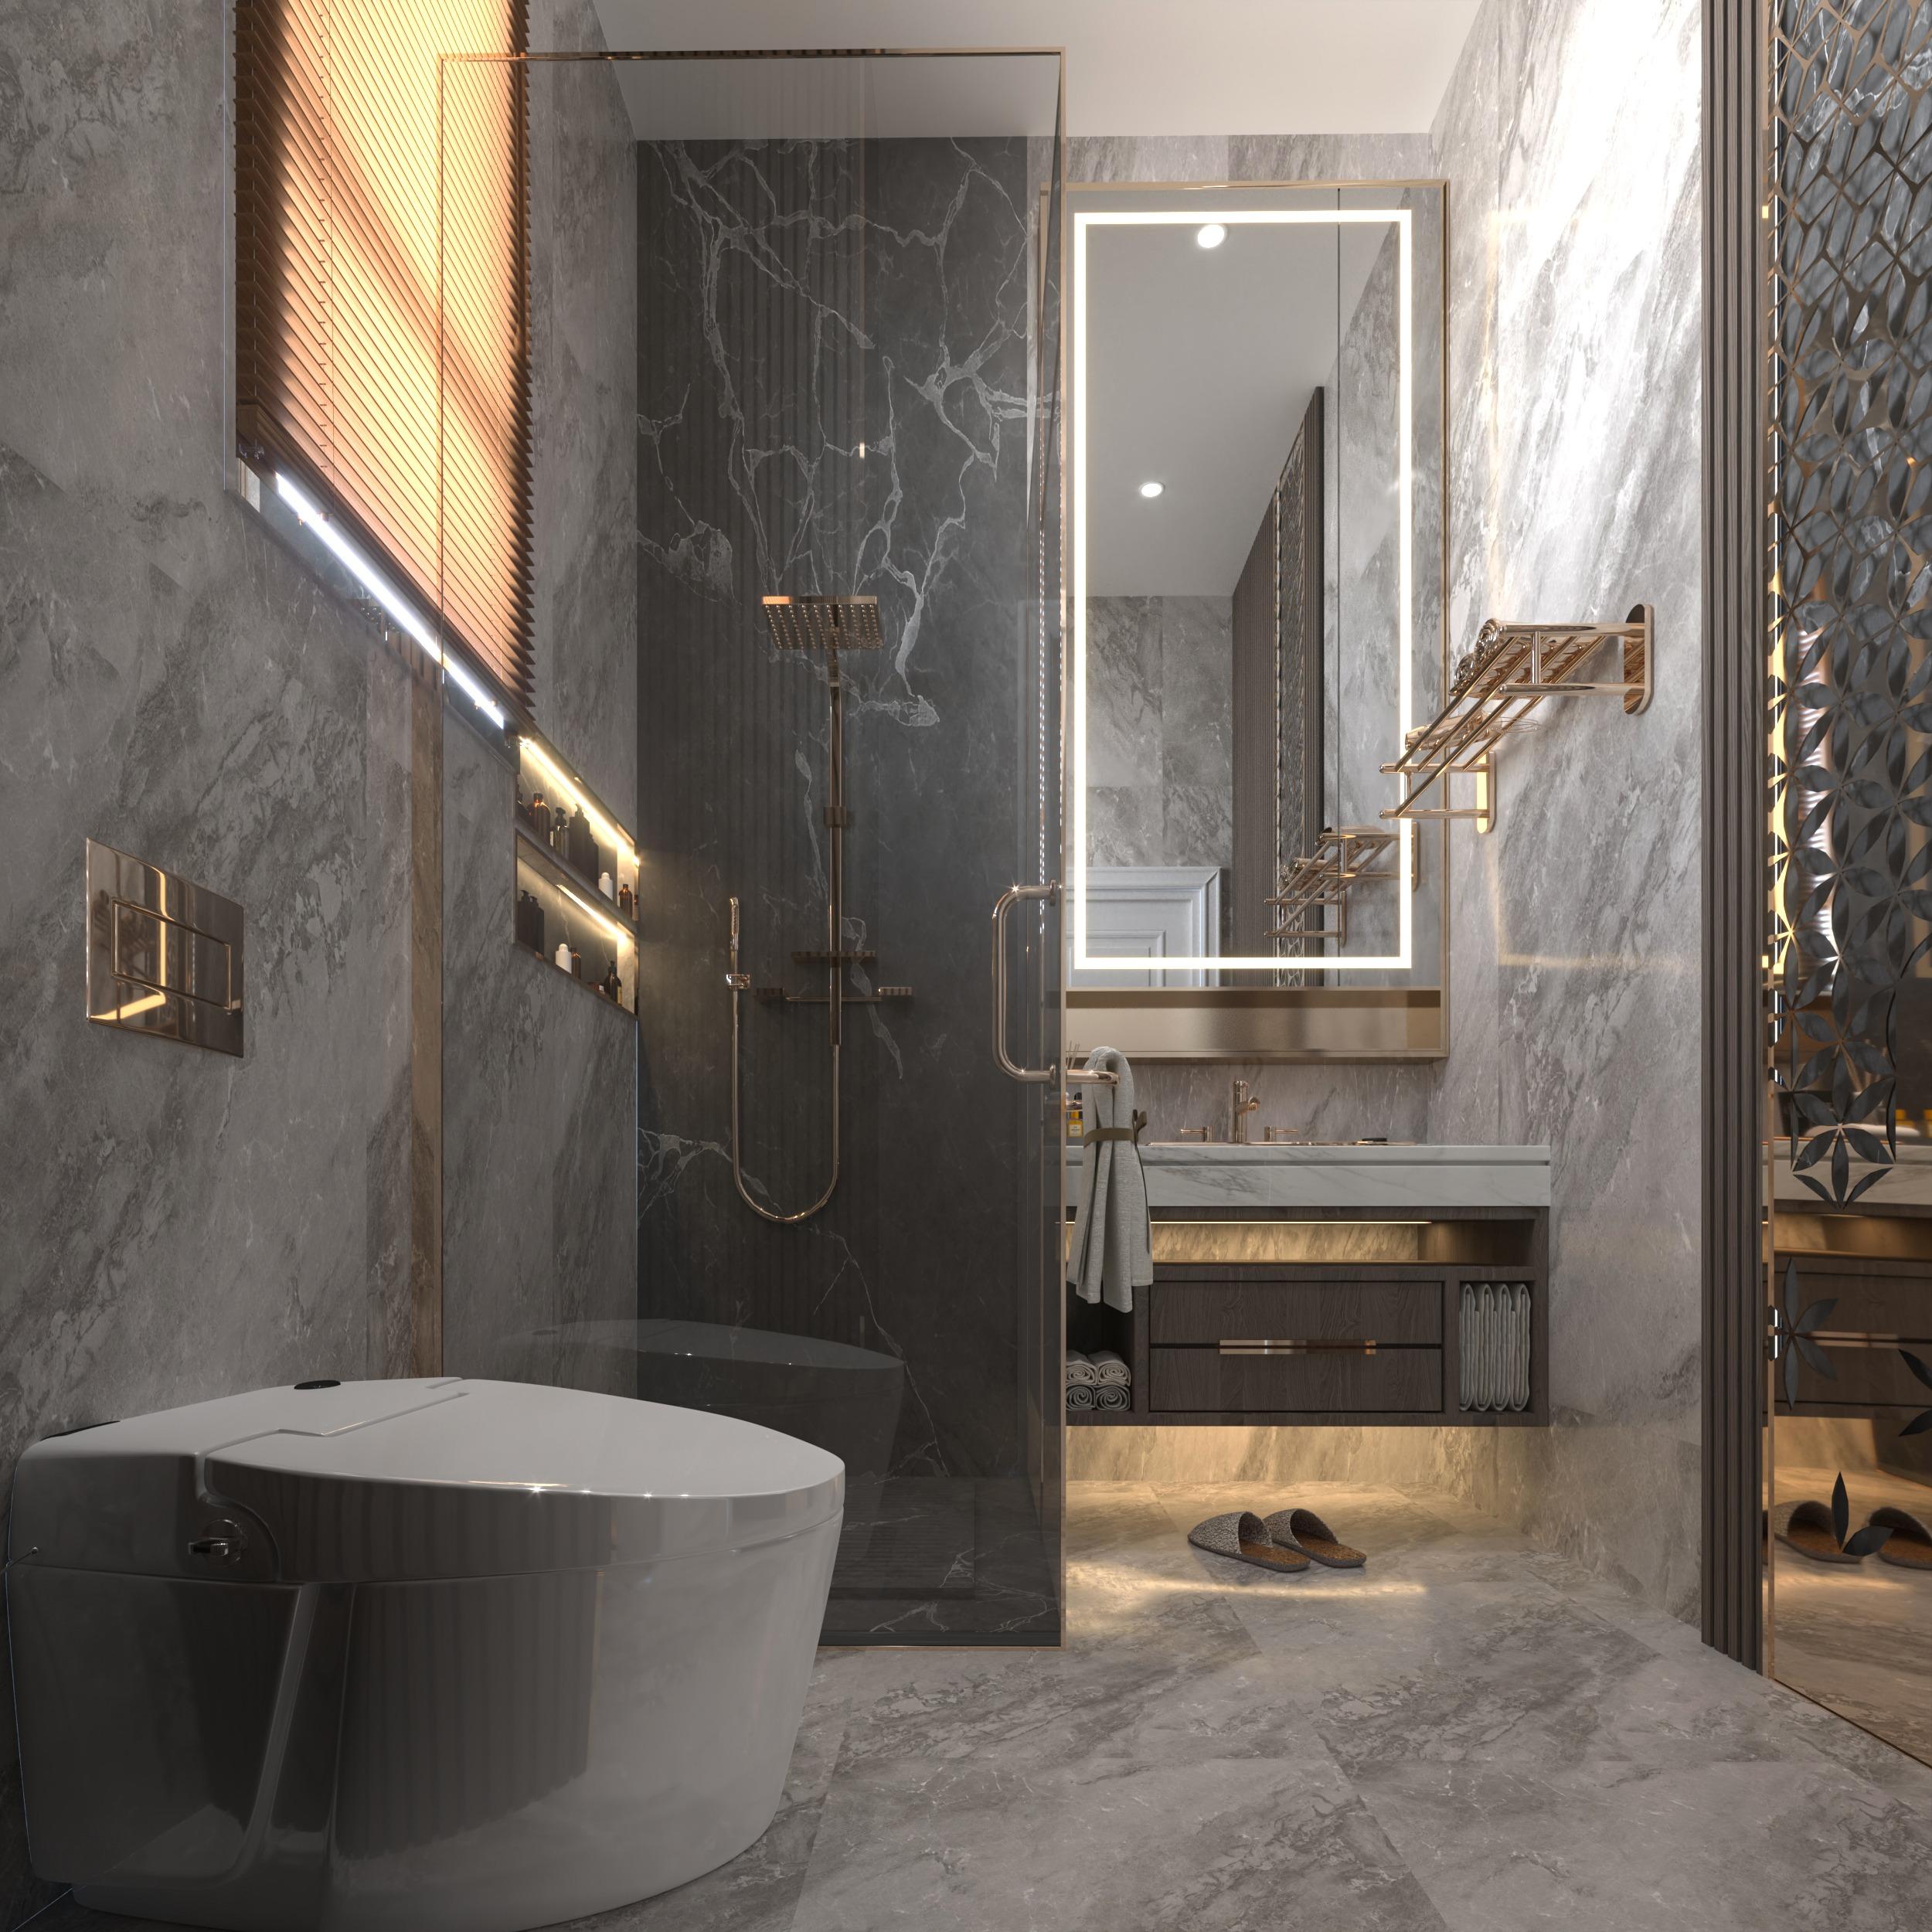 BEDROOM BATHROOM - GOLDEN - GRAY MARBLE